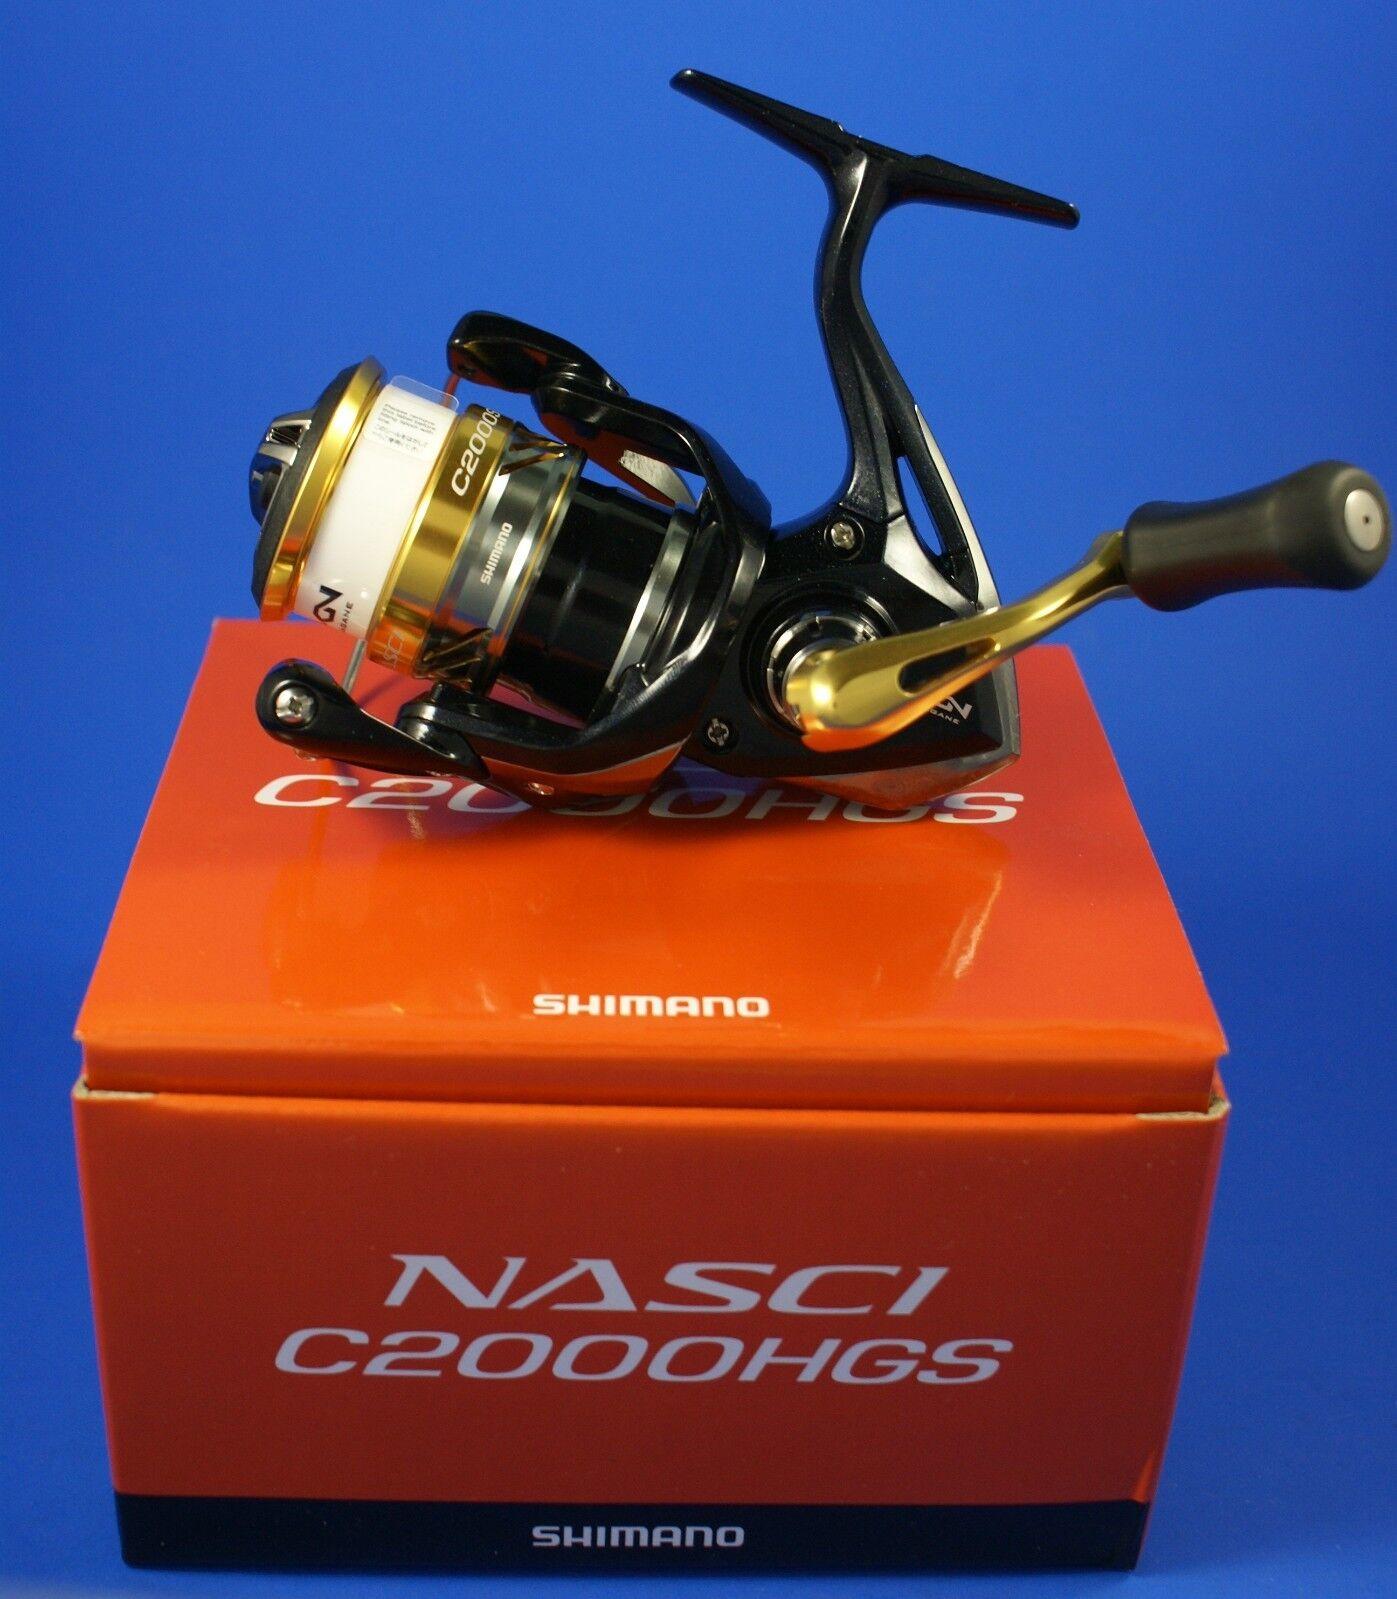 Shimano concubina C2000HGS FB  NASC 2000 hgsfb  mulinello da pesca trascinamento frontale